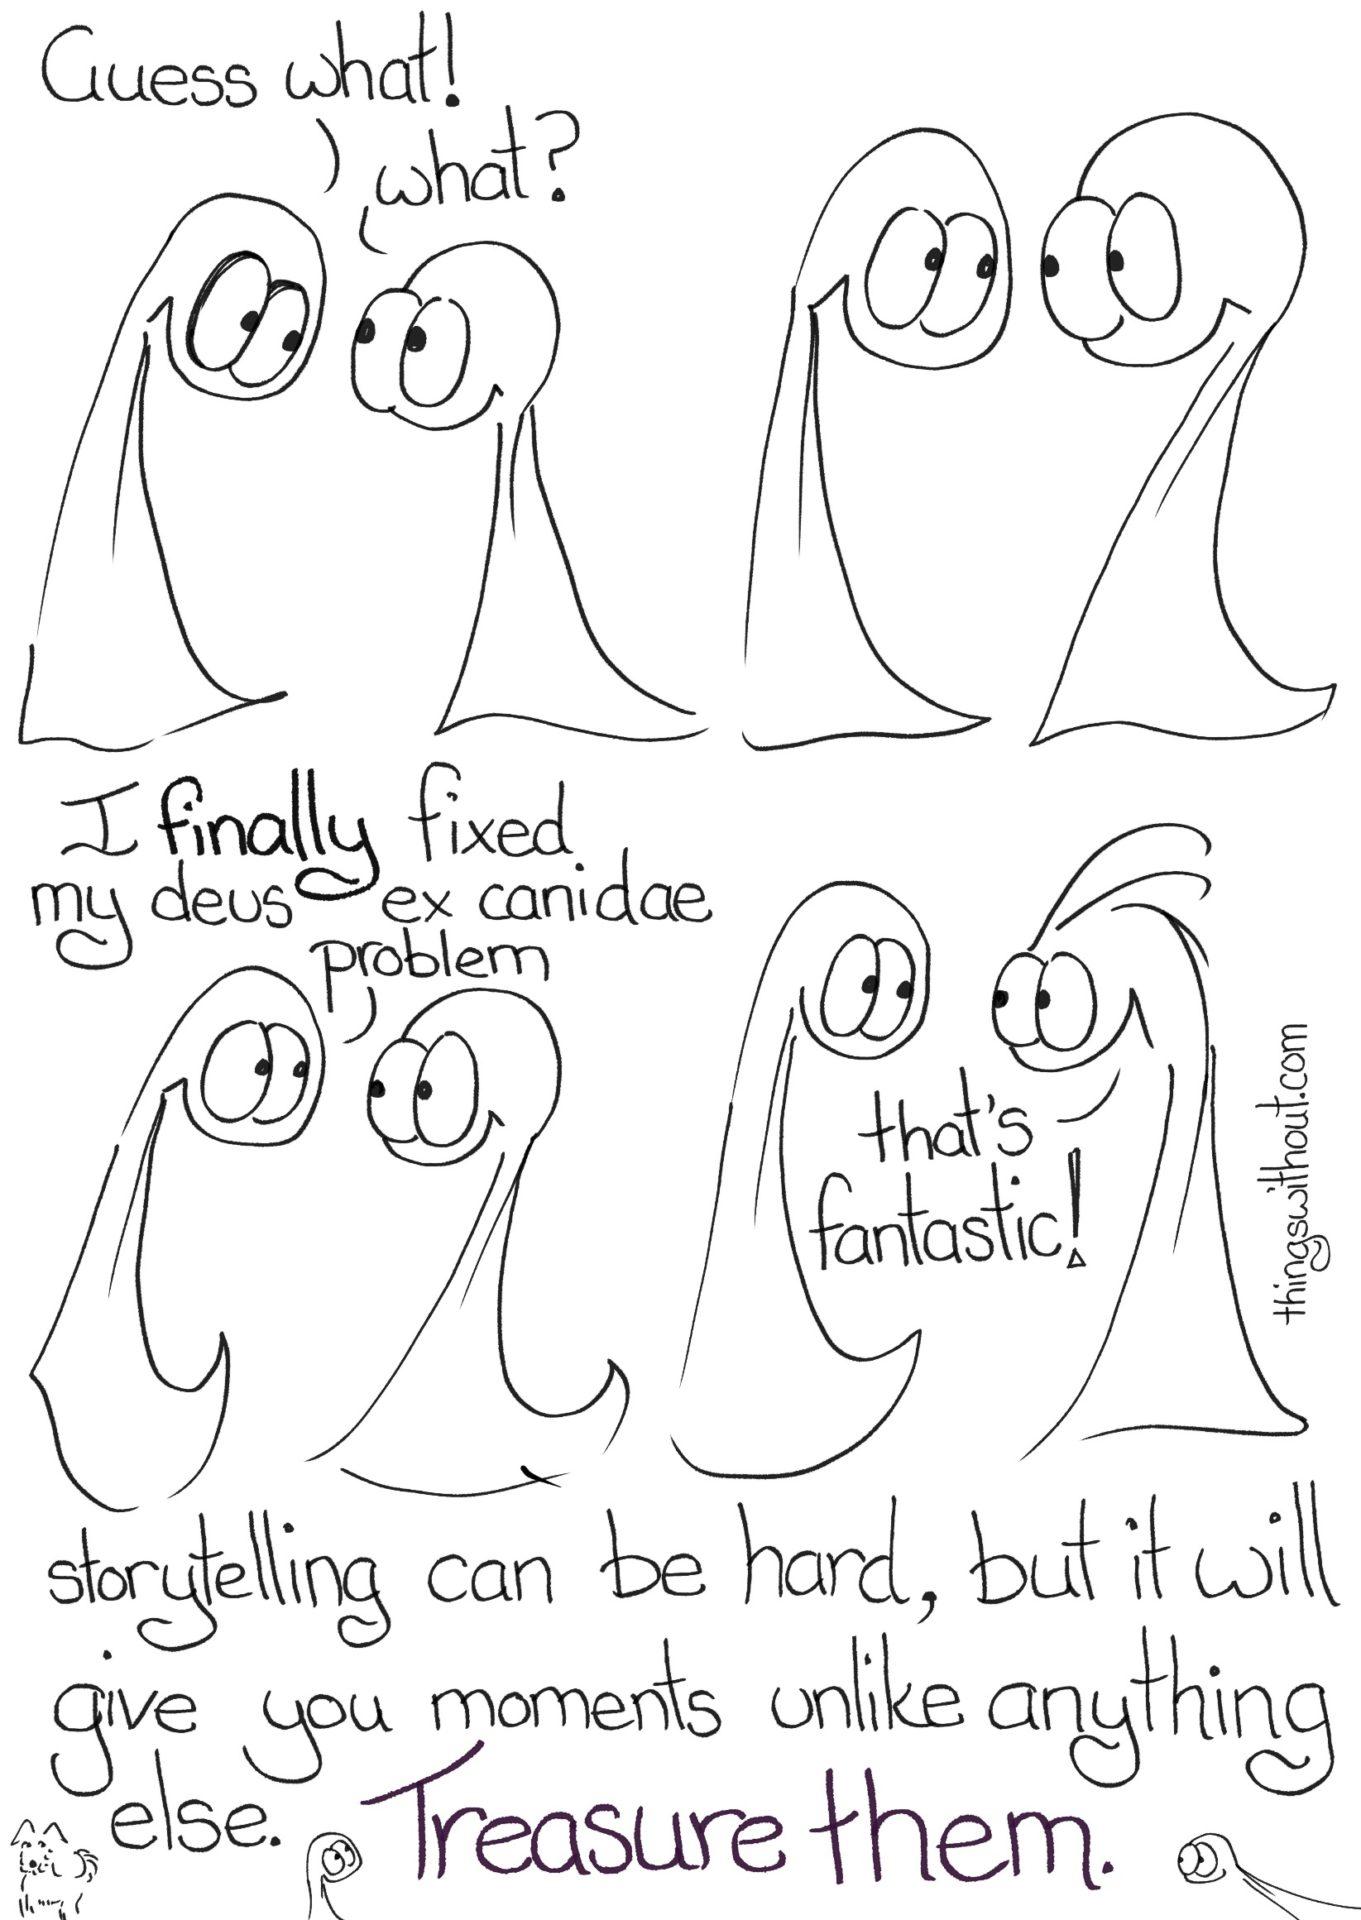 509: storytelling community